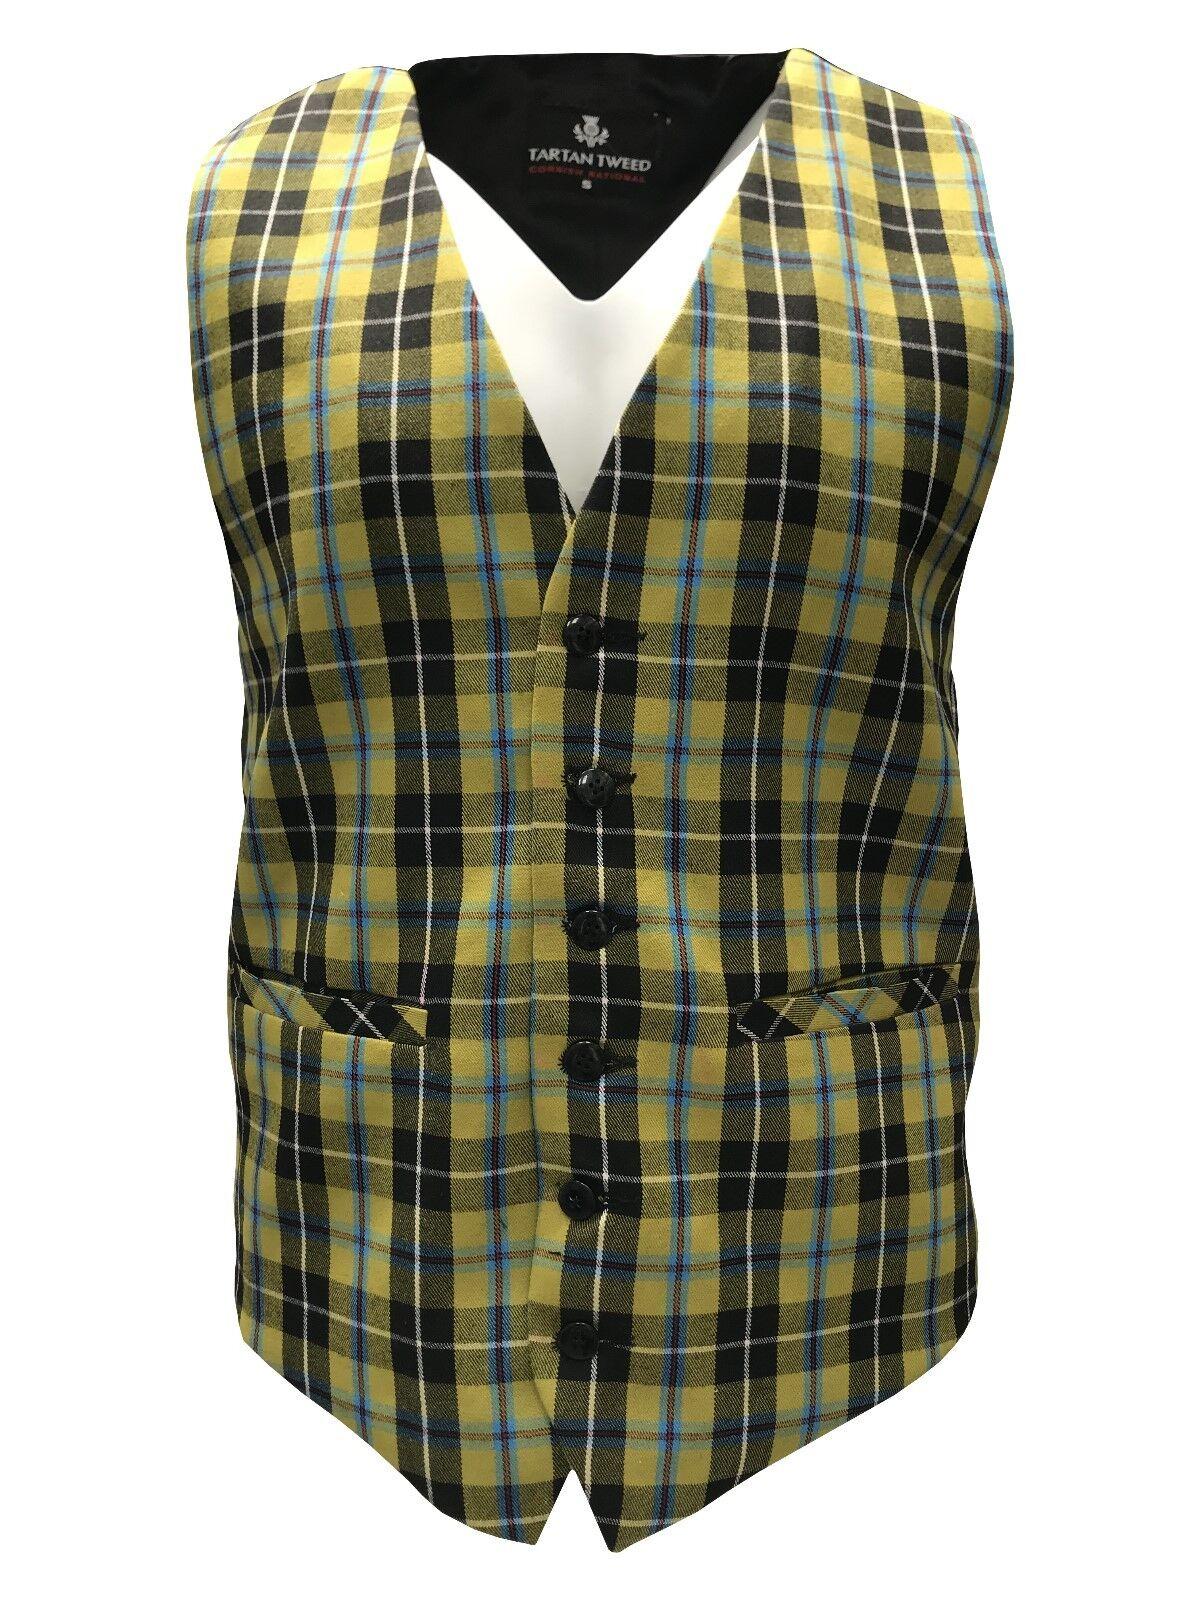 Gents Cornish National Tartan Waistcoat Small - 3XL